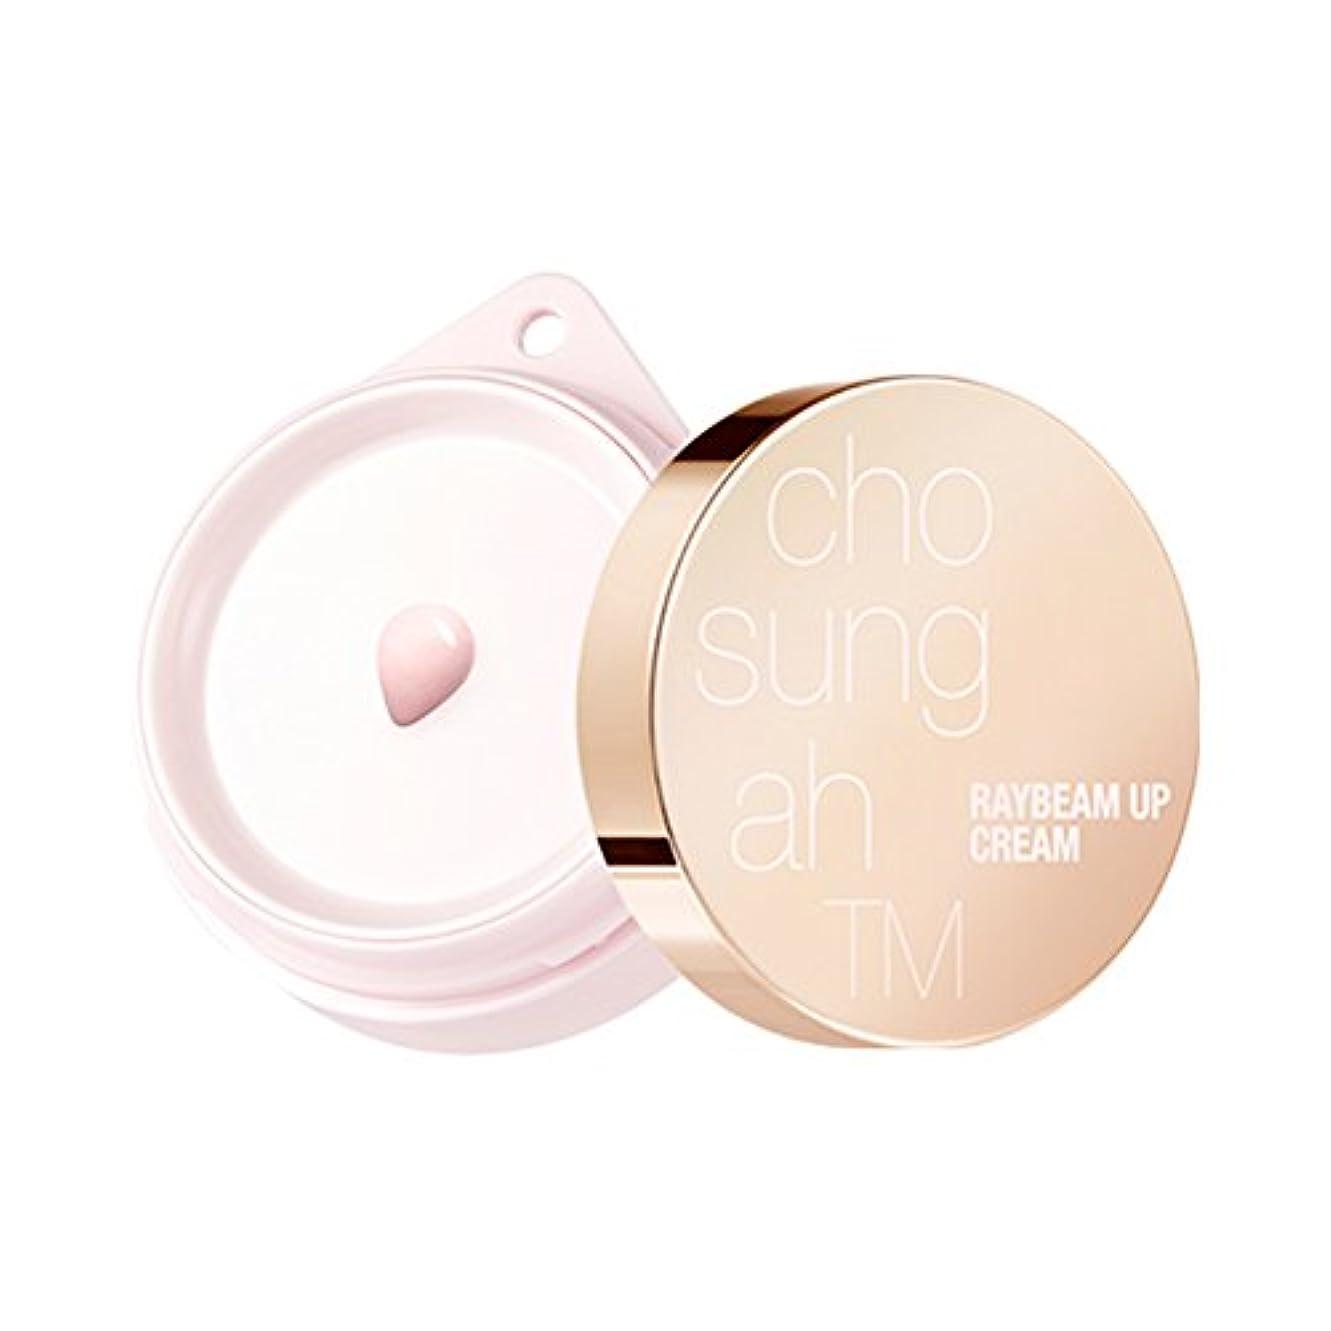 桃ヒップ特異性(ジョソンア) Chosungah Raybeam Up Cream Season 2 SPF30/PA++ 14ml (14ml) [並行輸入品]